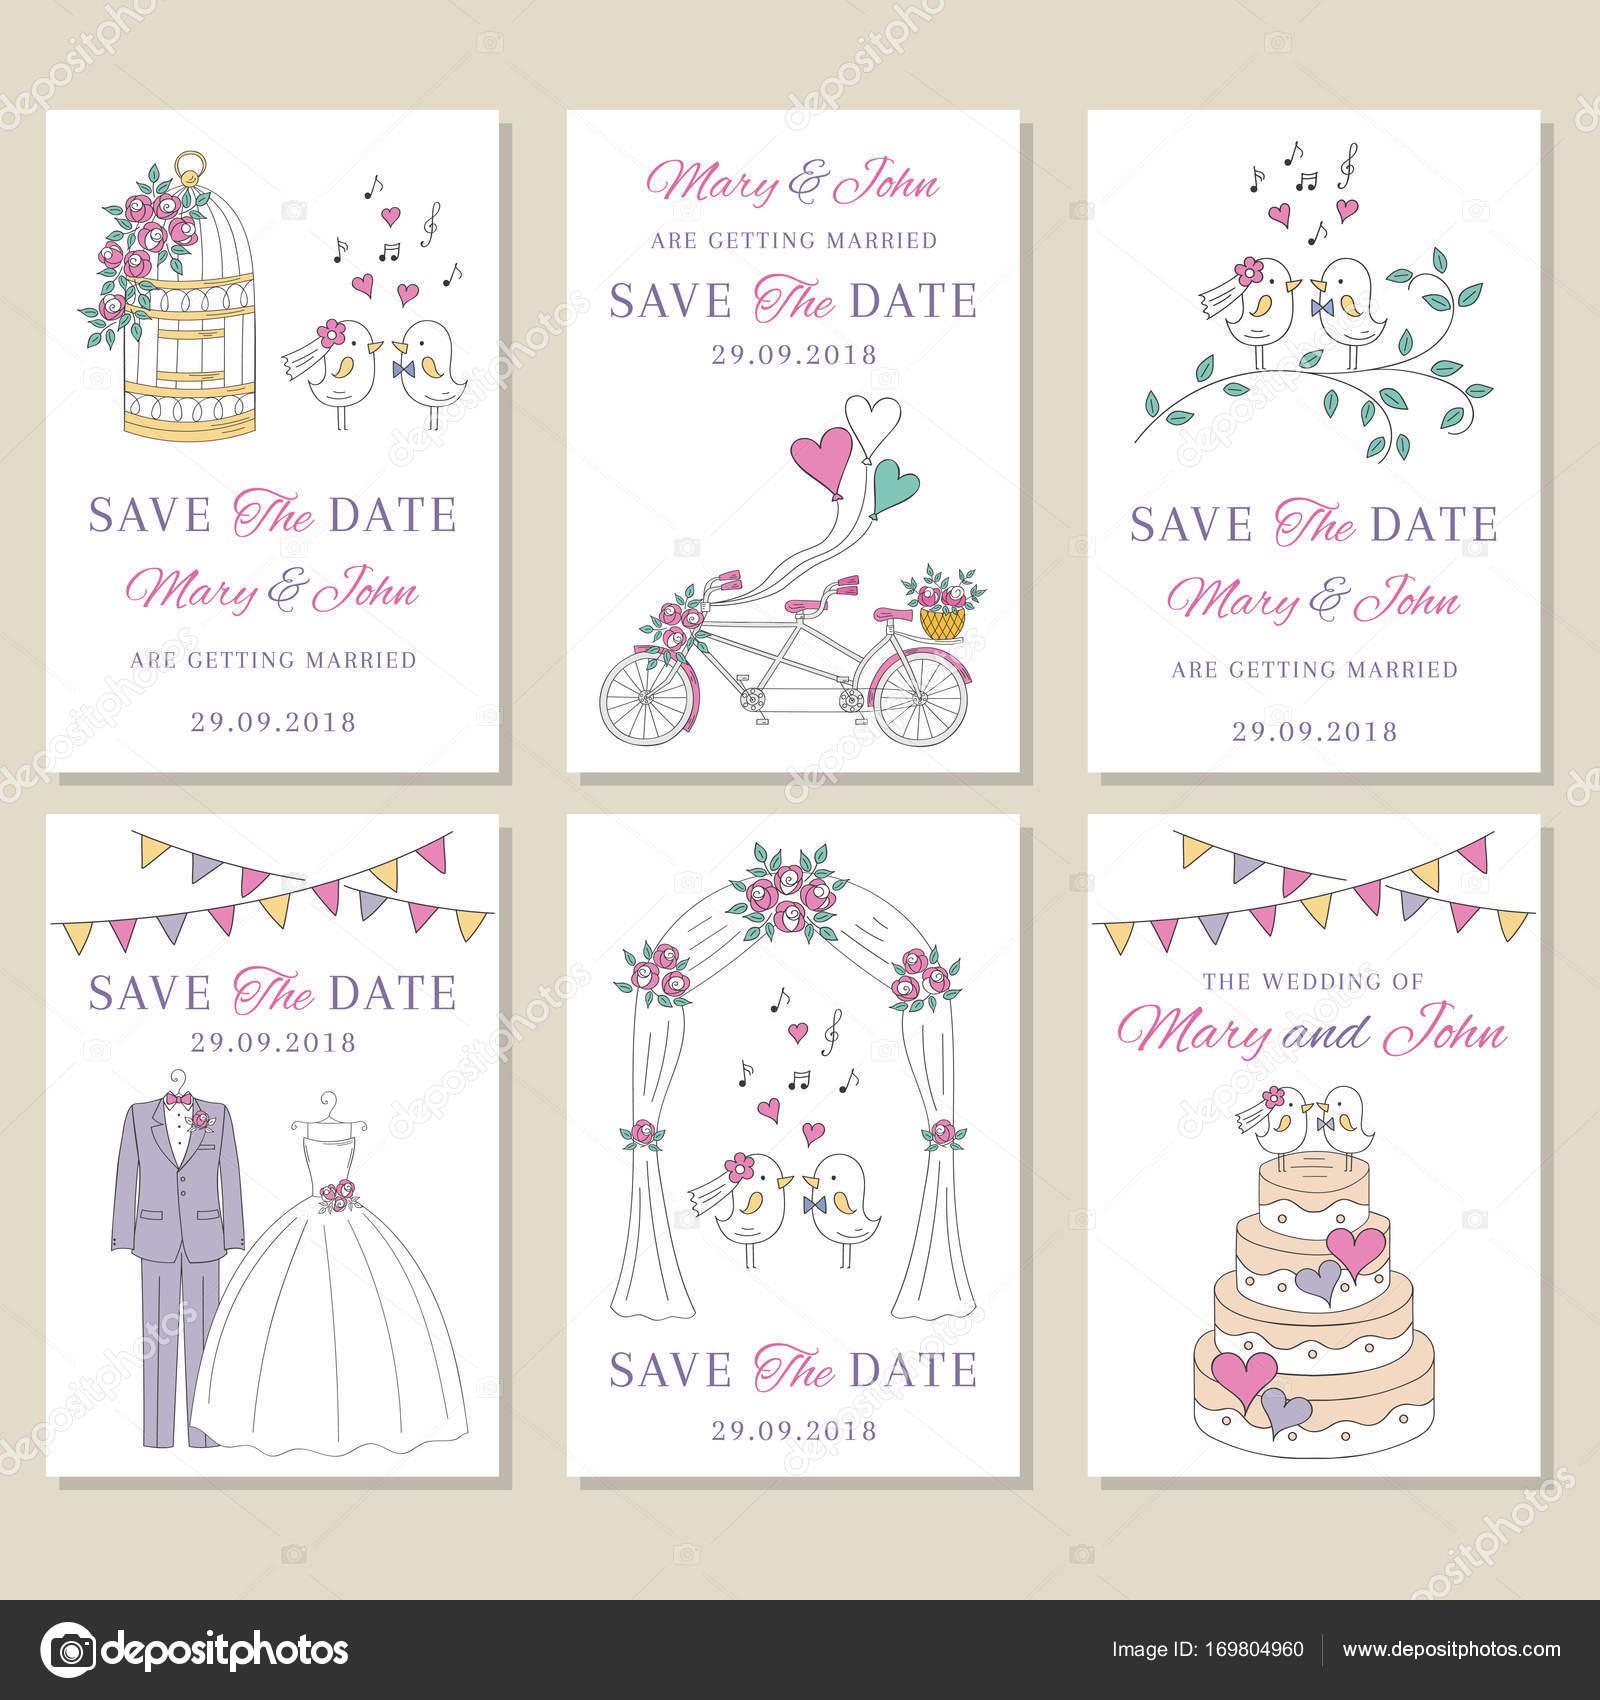 Vektor Set Von Hochzeitskarten Stockvektor C Tedted 169804960